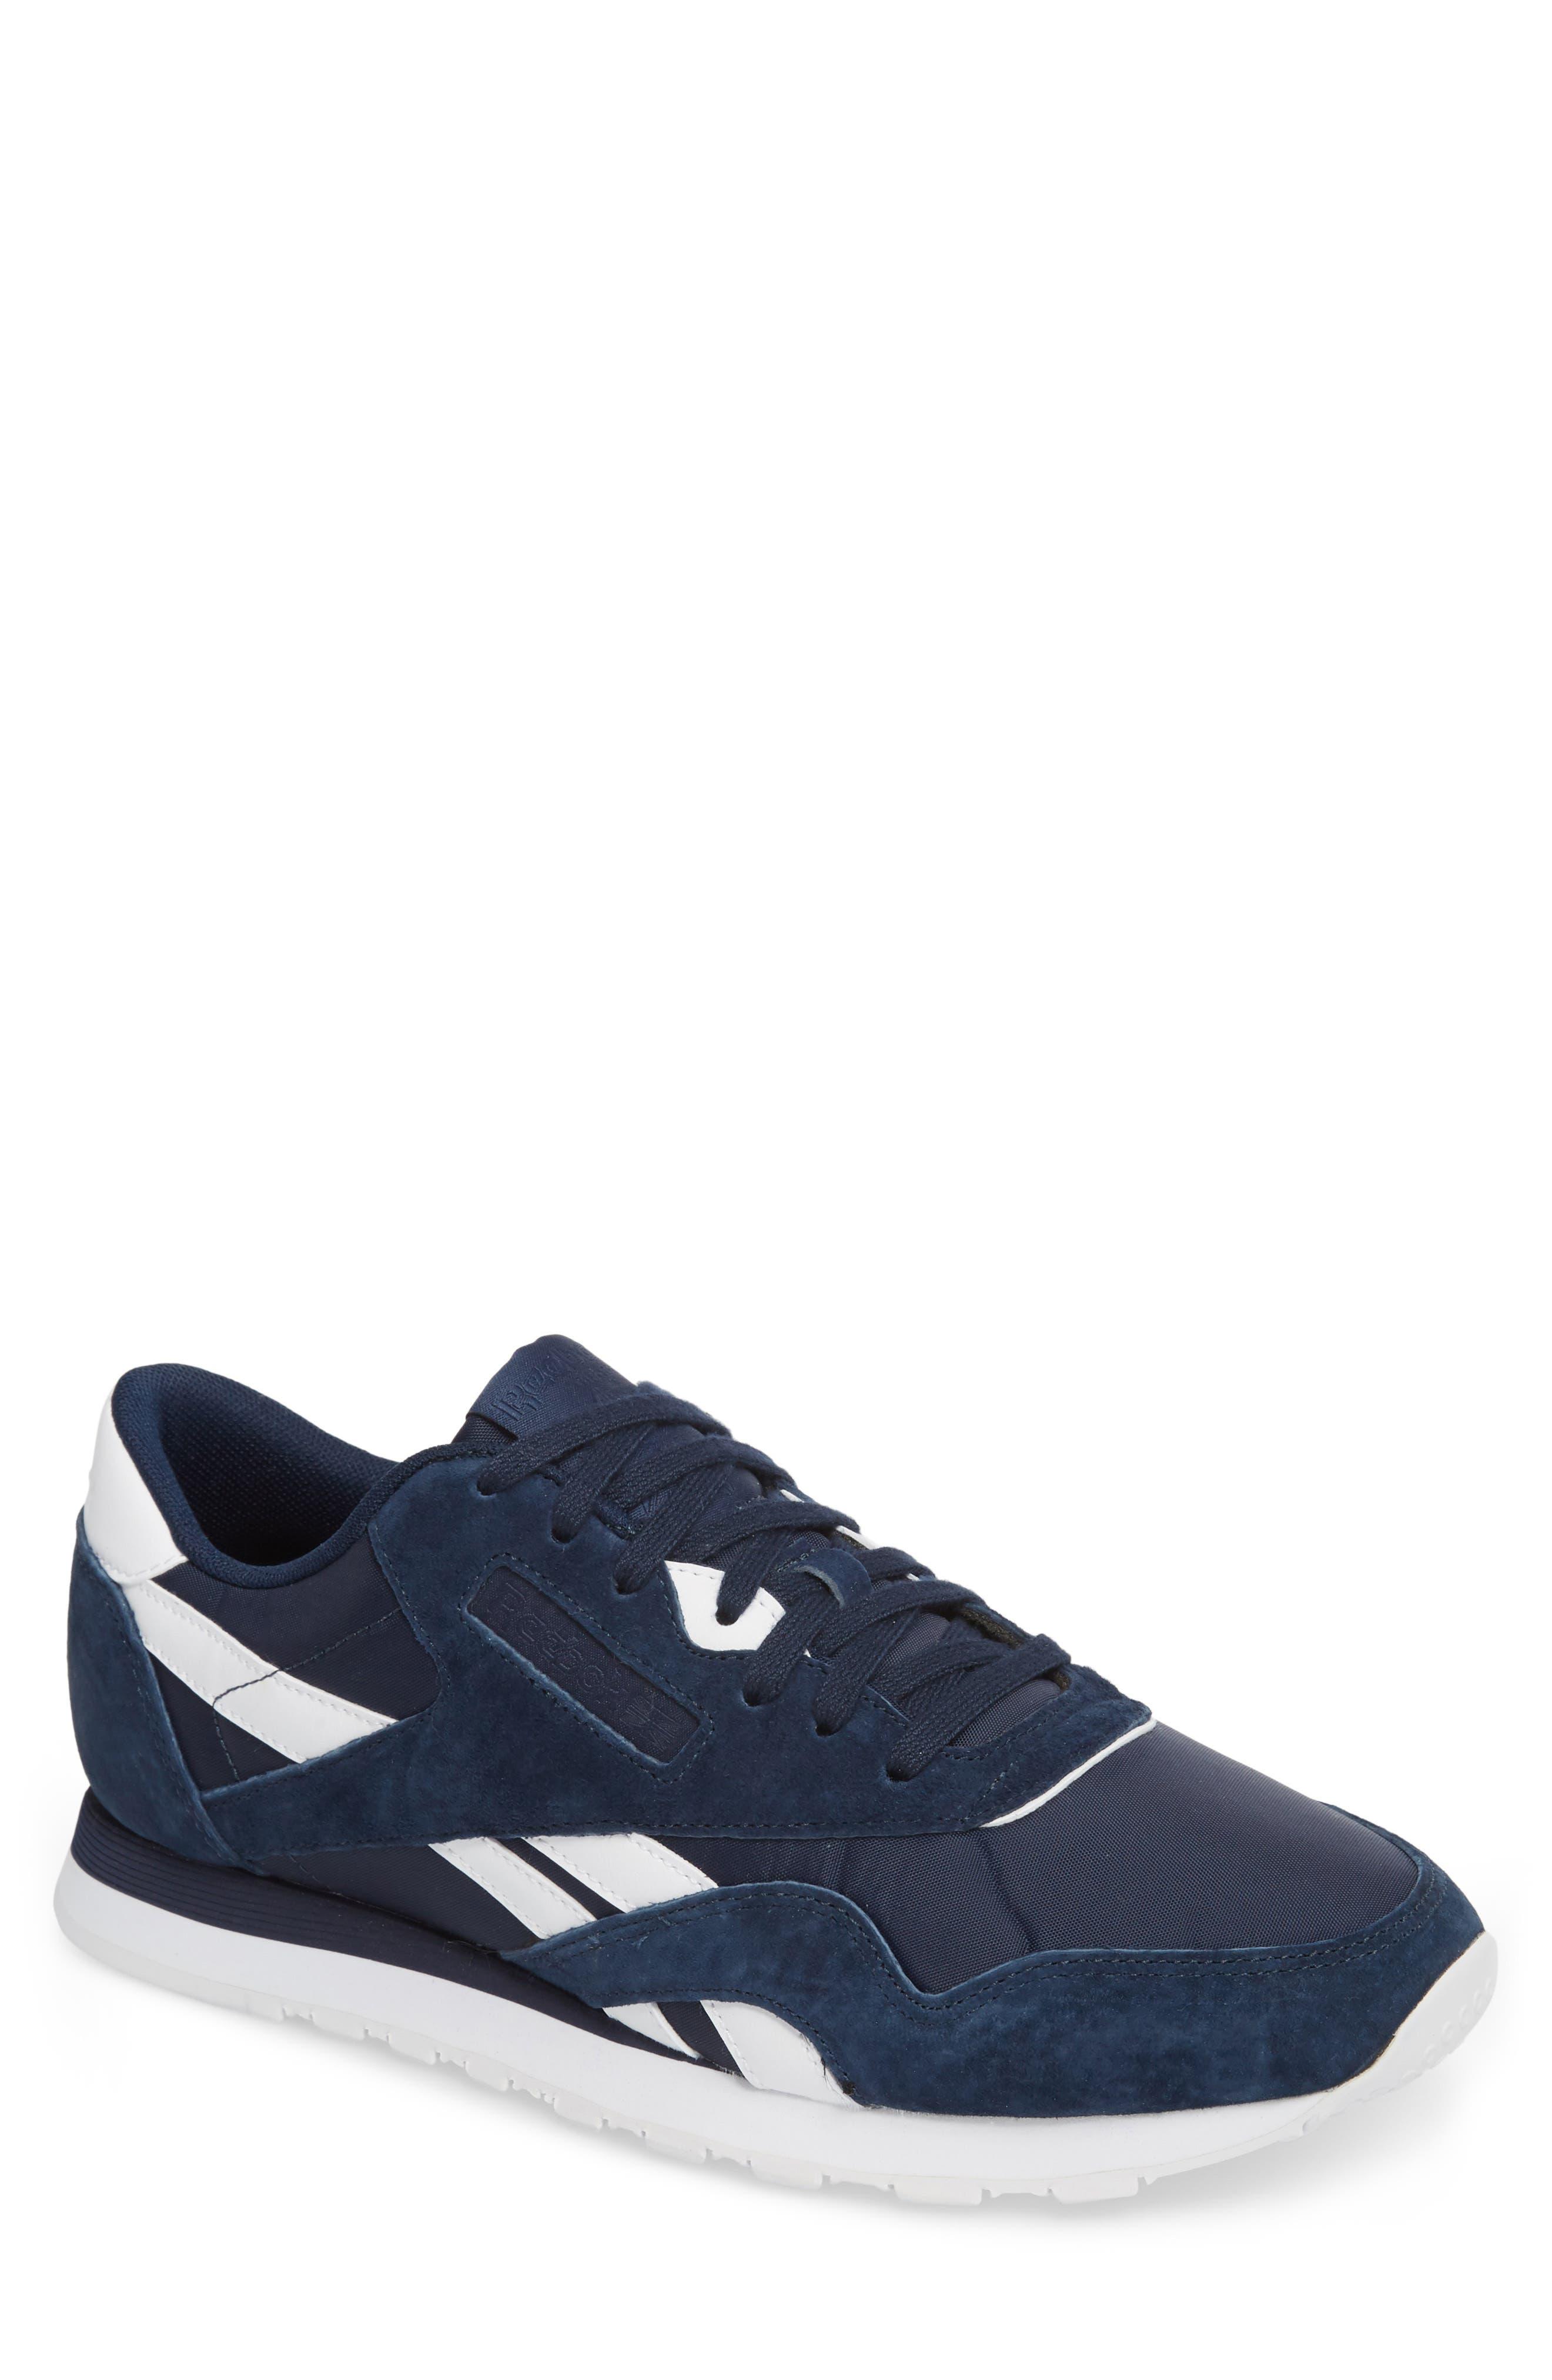 Classic Nylon PN Sneaker,                             Main thumbnail 1, color,                             400